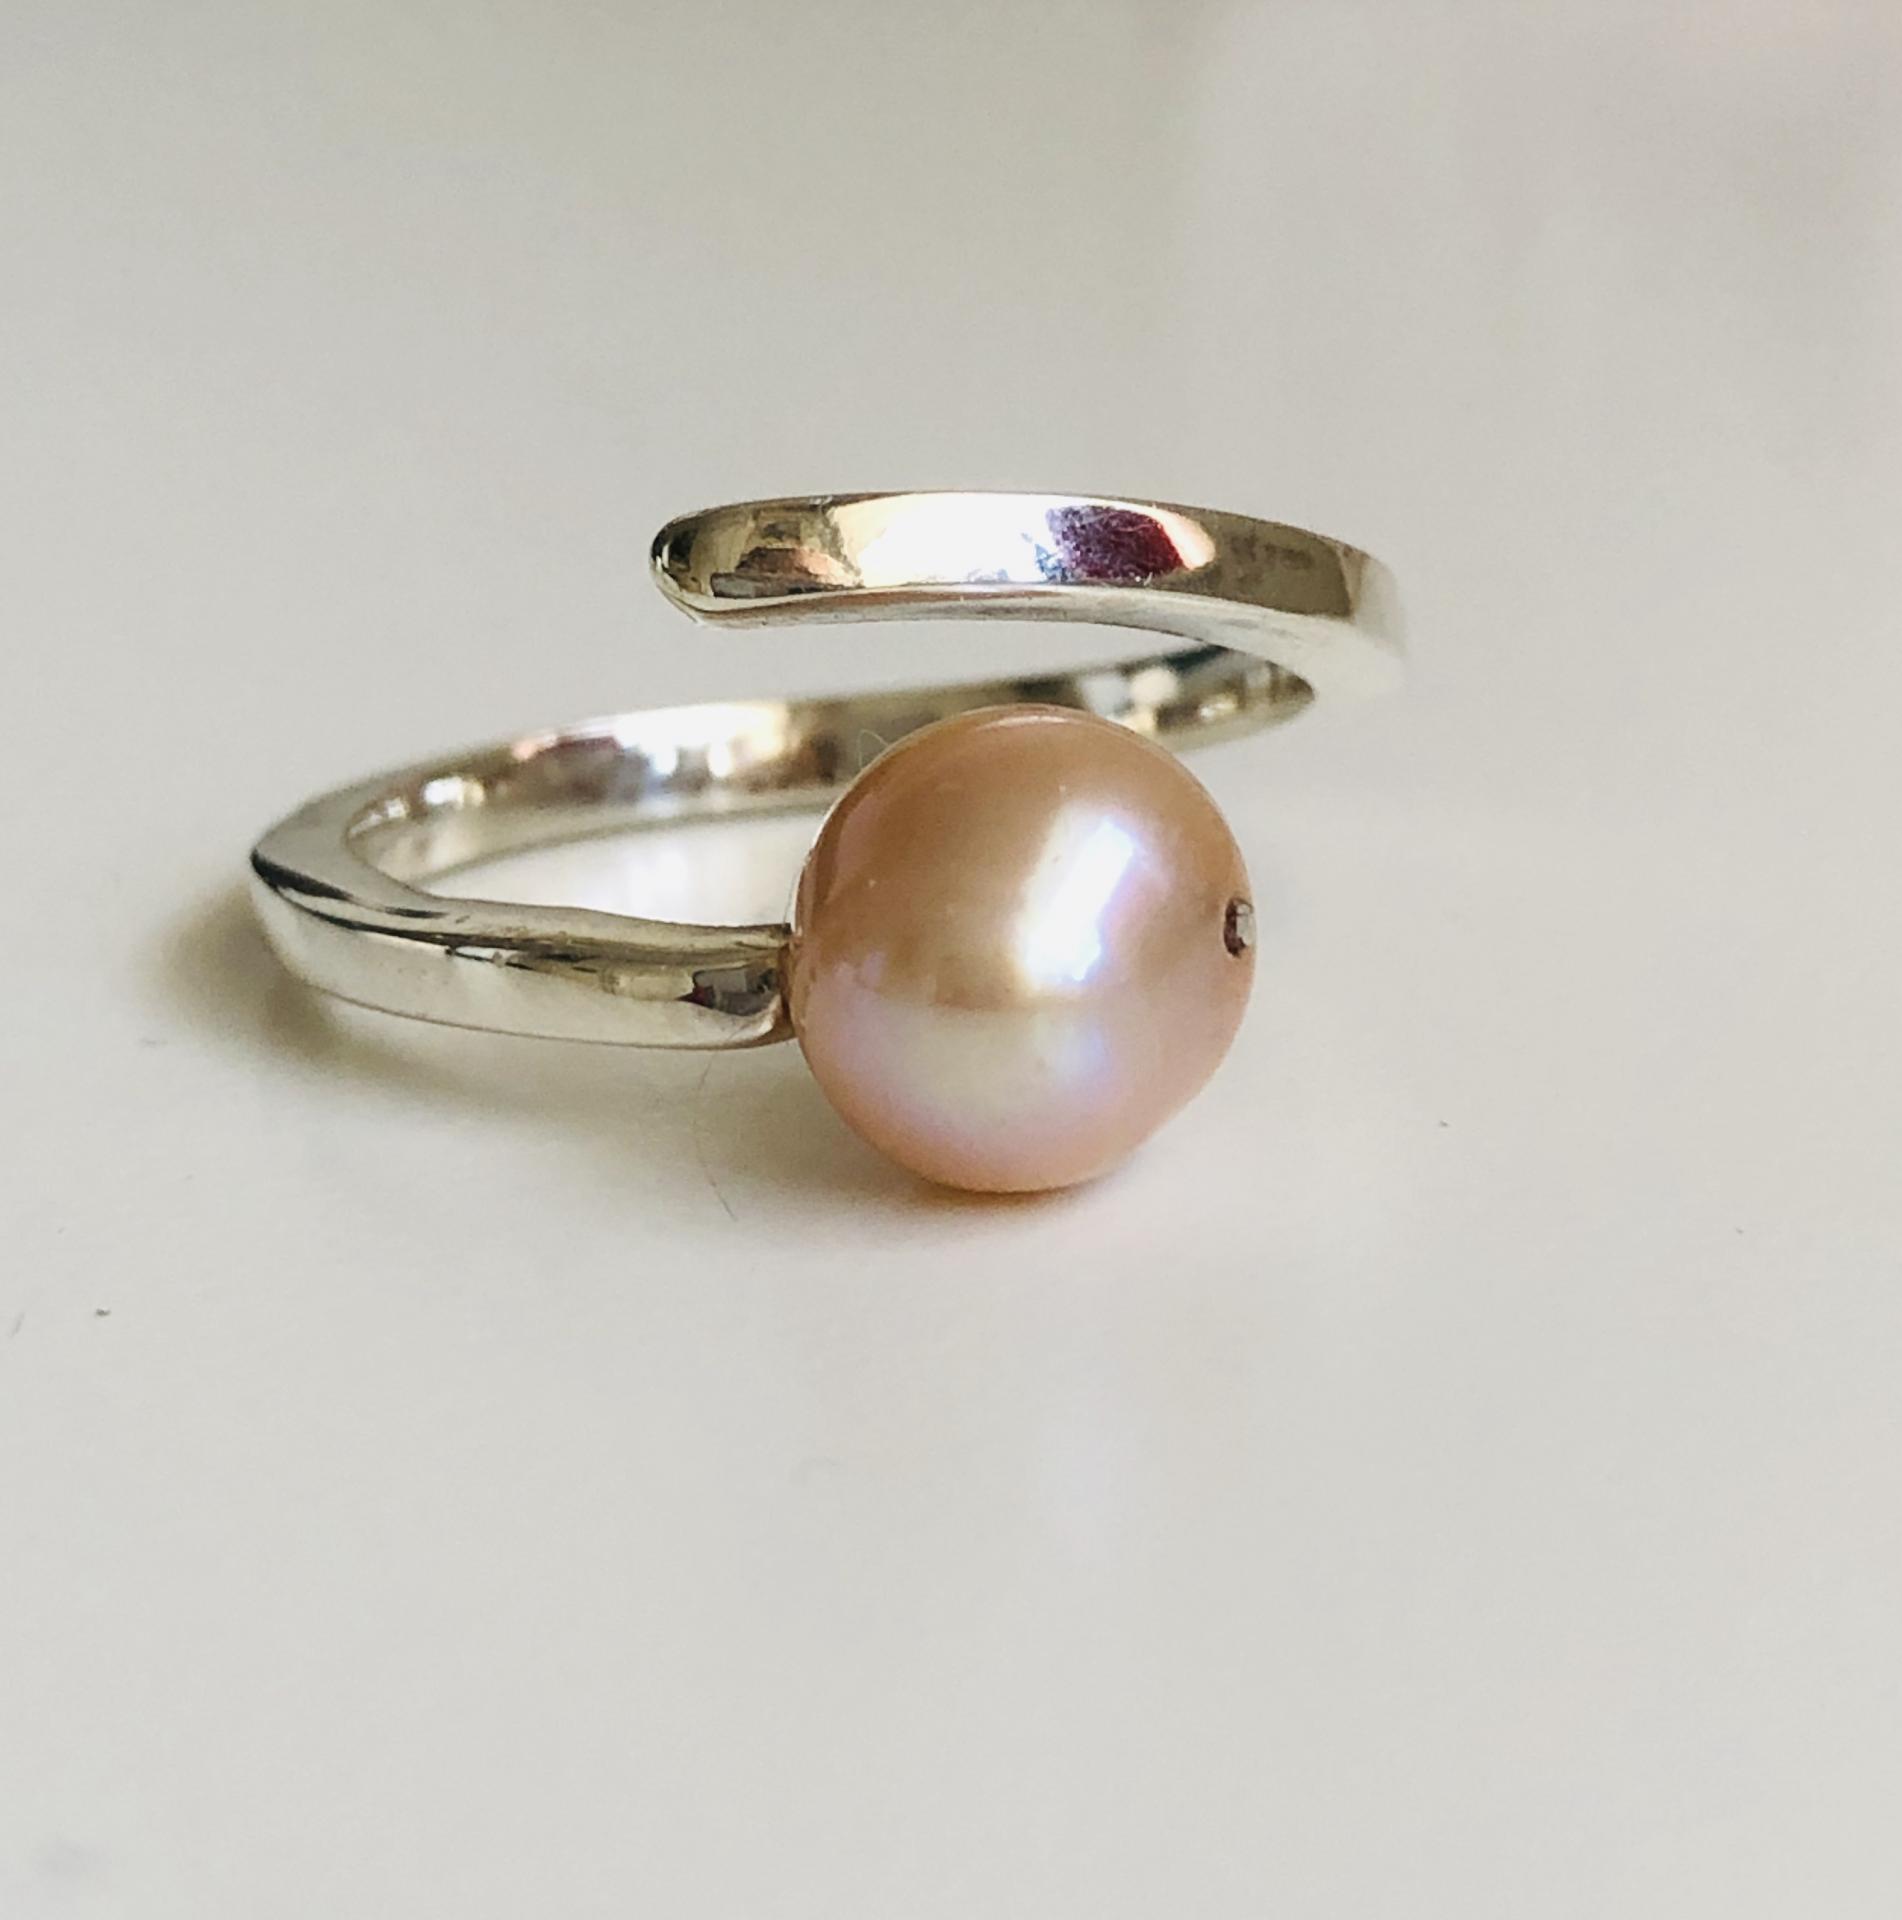 Anillo de plata y perla natural anaranjada